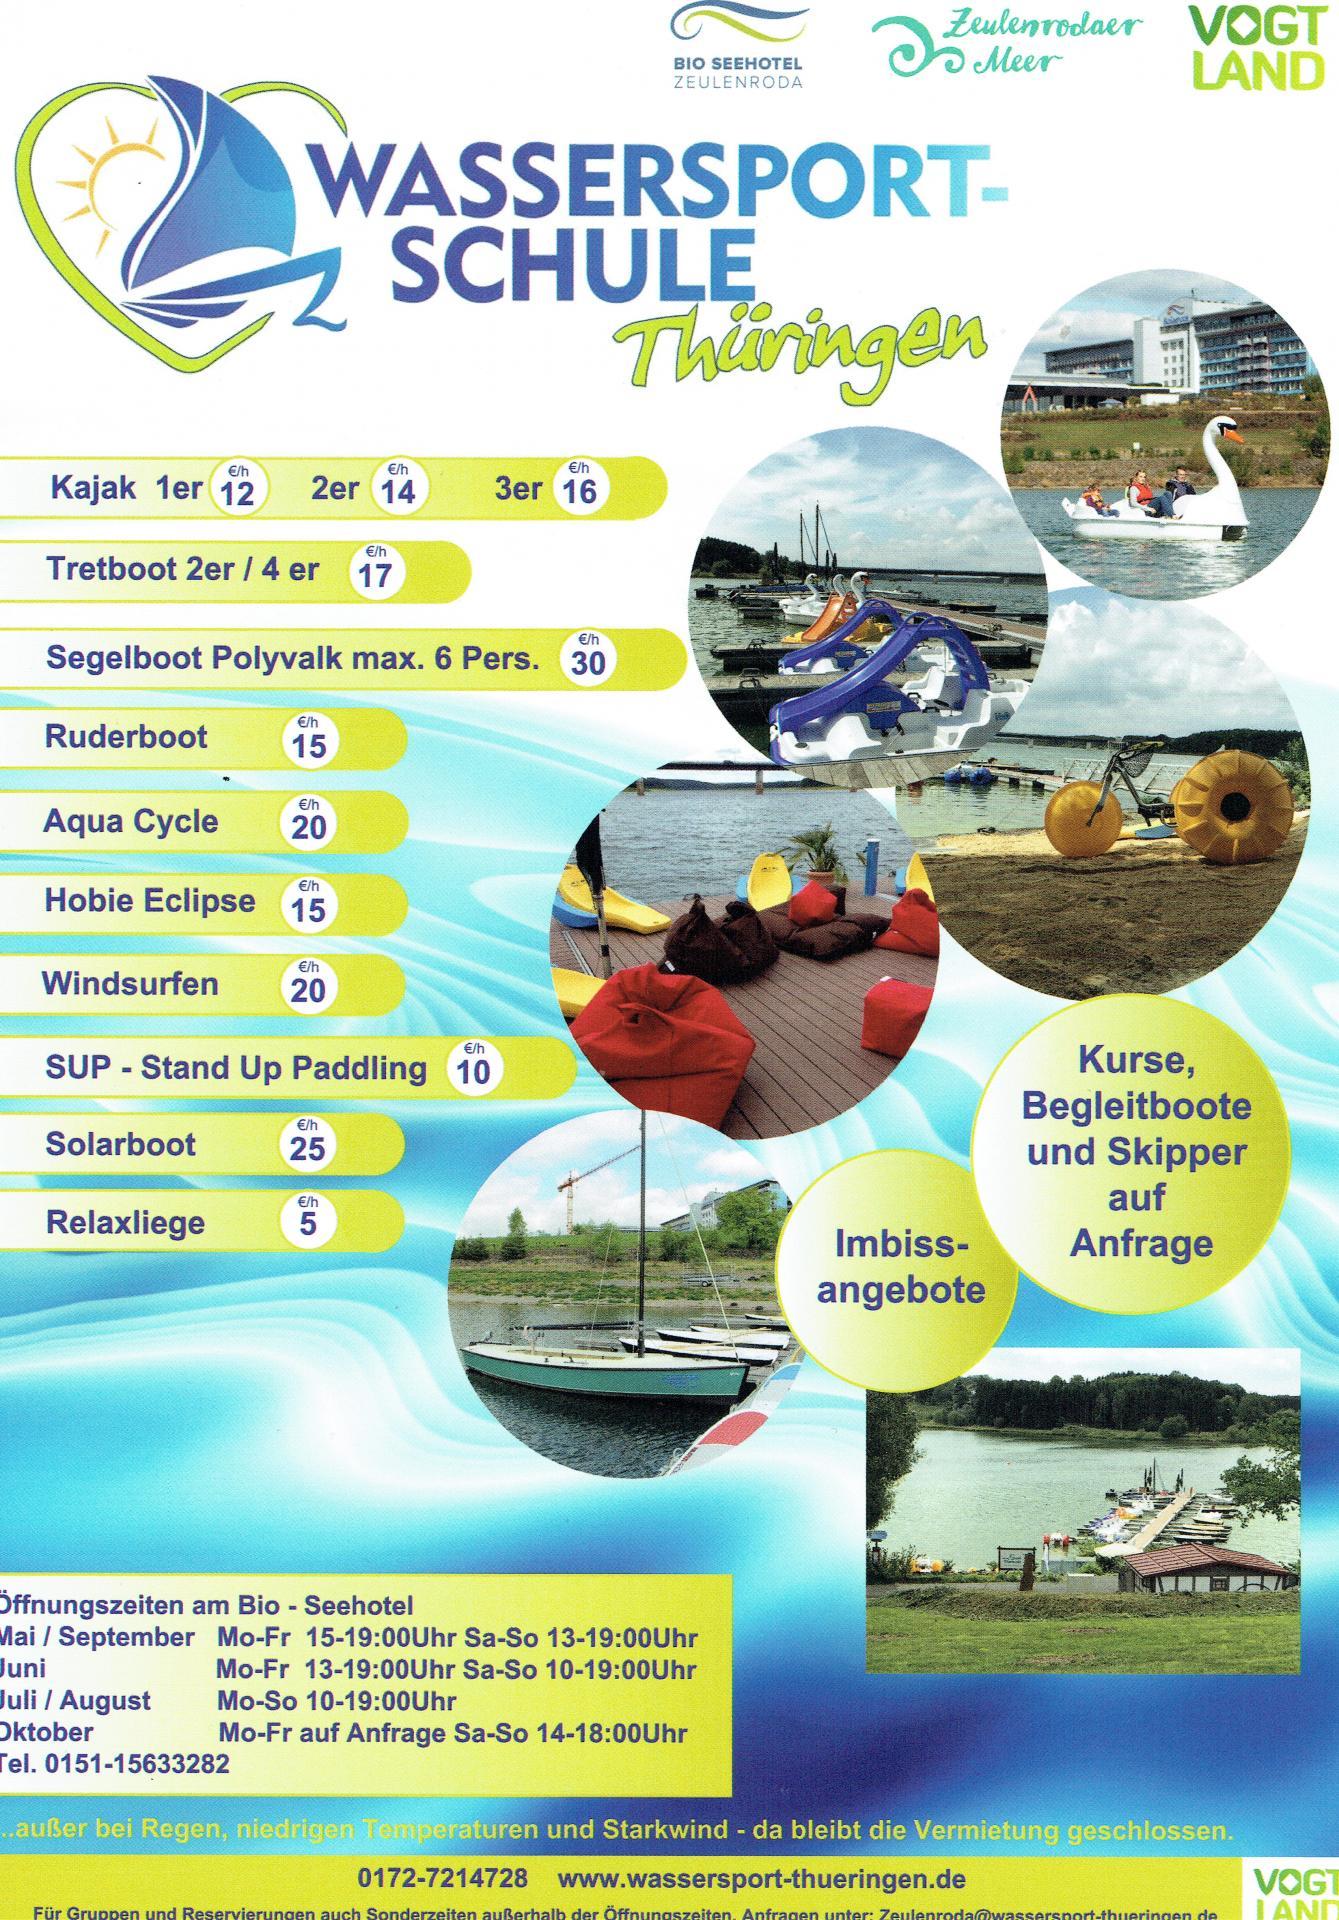 Wassersportschule Thüringen